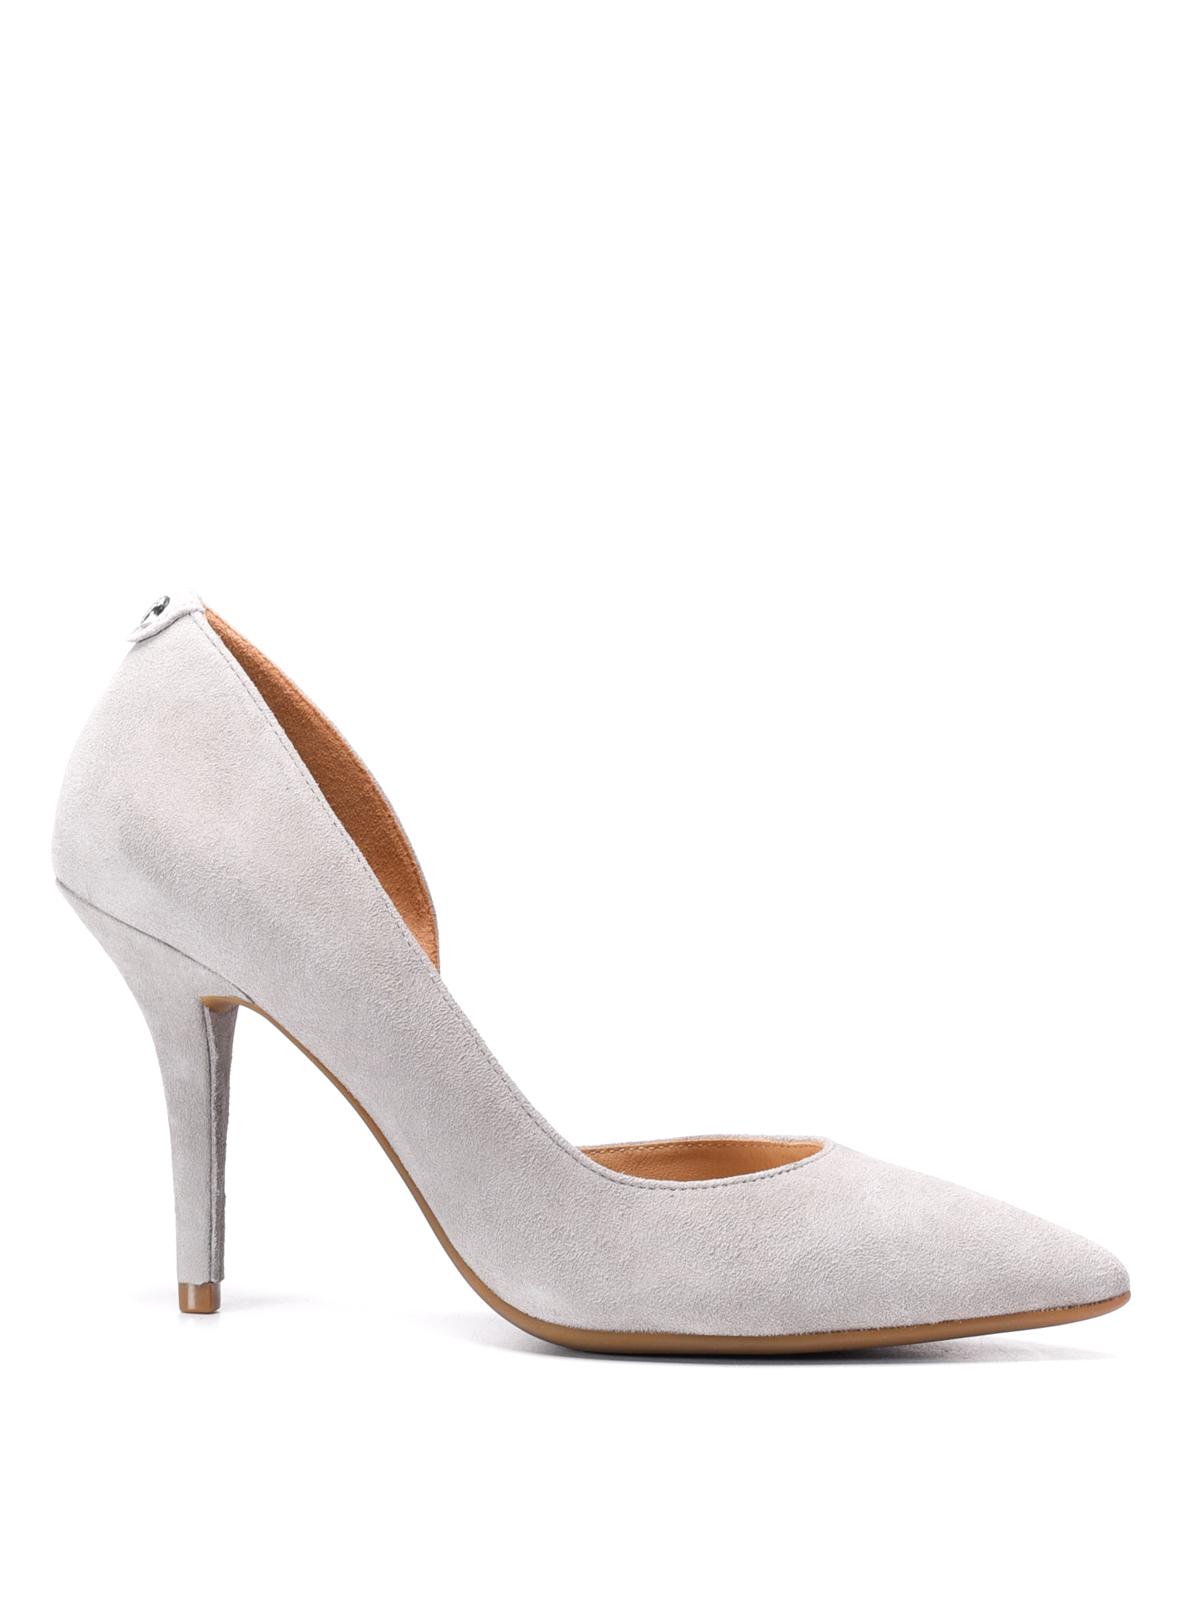 nathalie flex suede pumps by michael kors court shoes ikrix. Black Bedroom Furniture Sets. Home Design Ideas